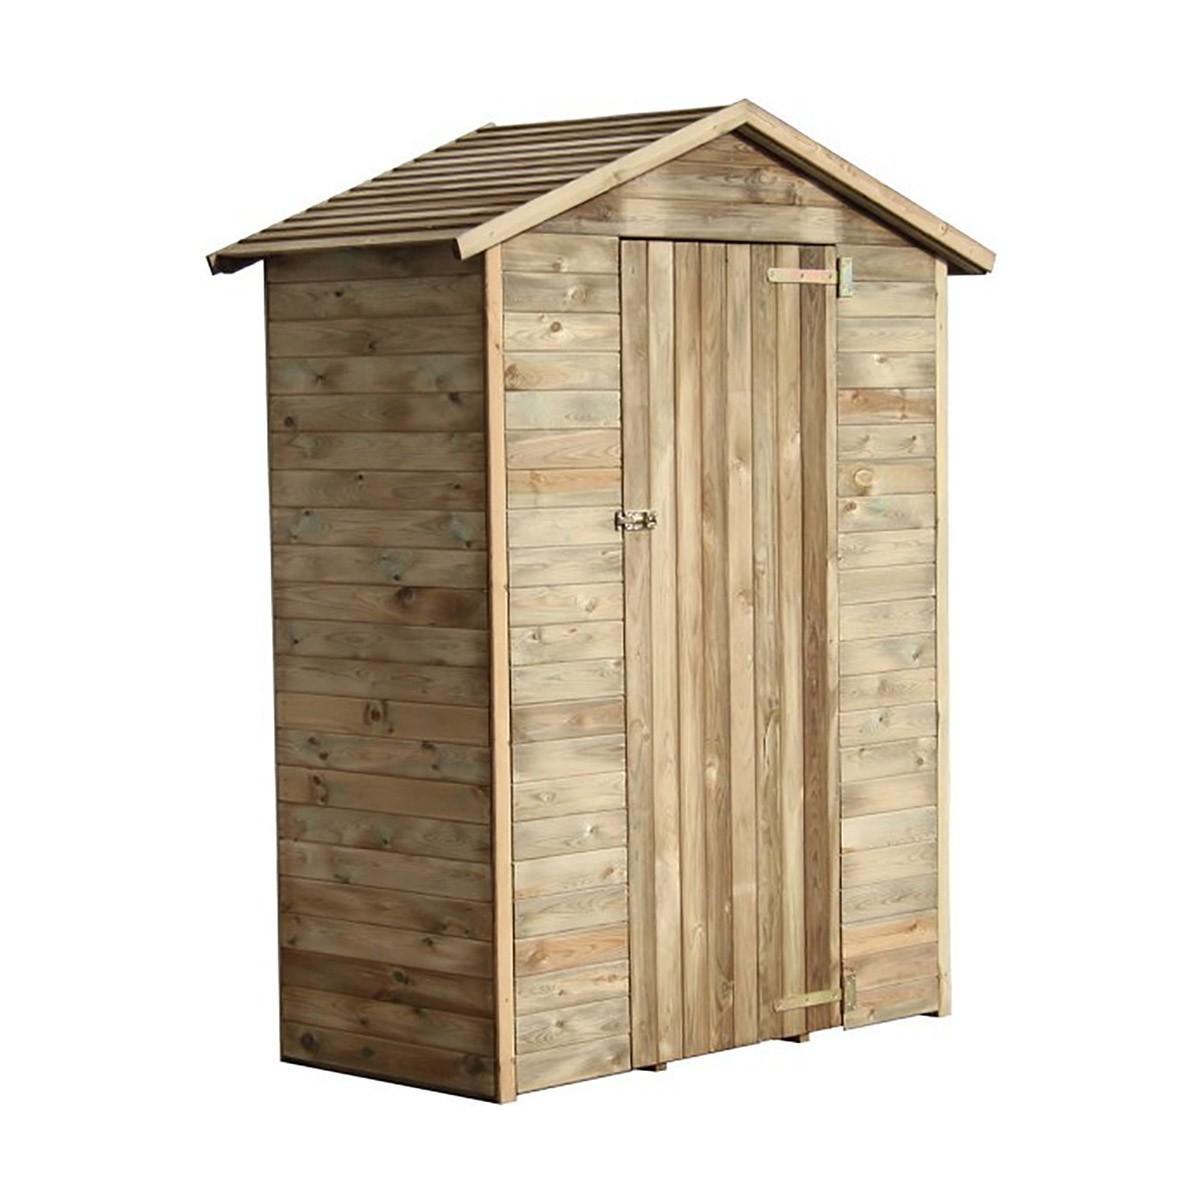 Refaire Un Toit D Abri De Jardin abri de rangement en bois chloé 1.05 m² - achat/vente d